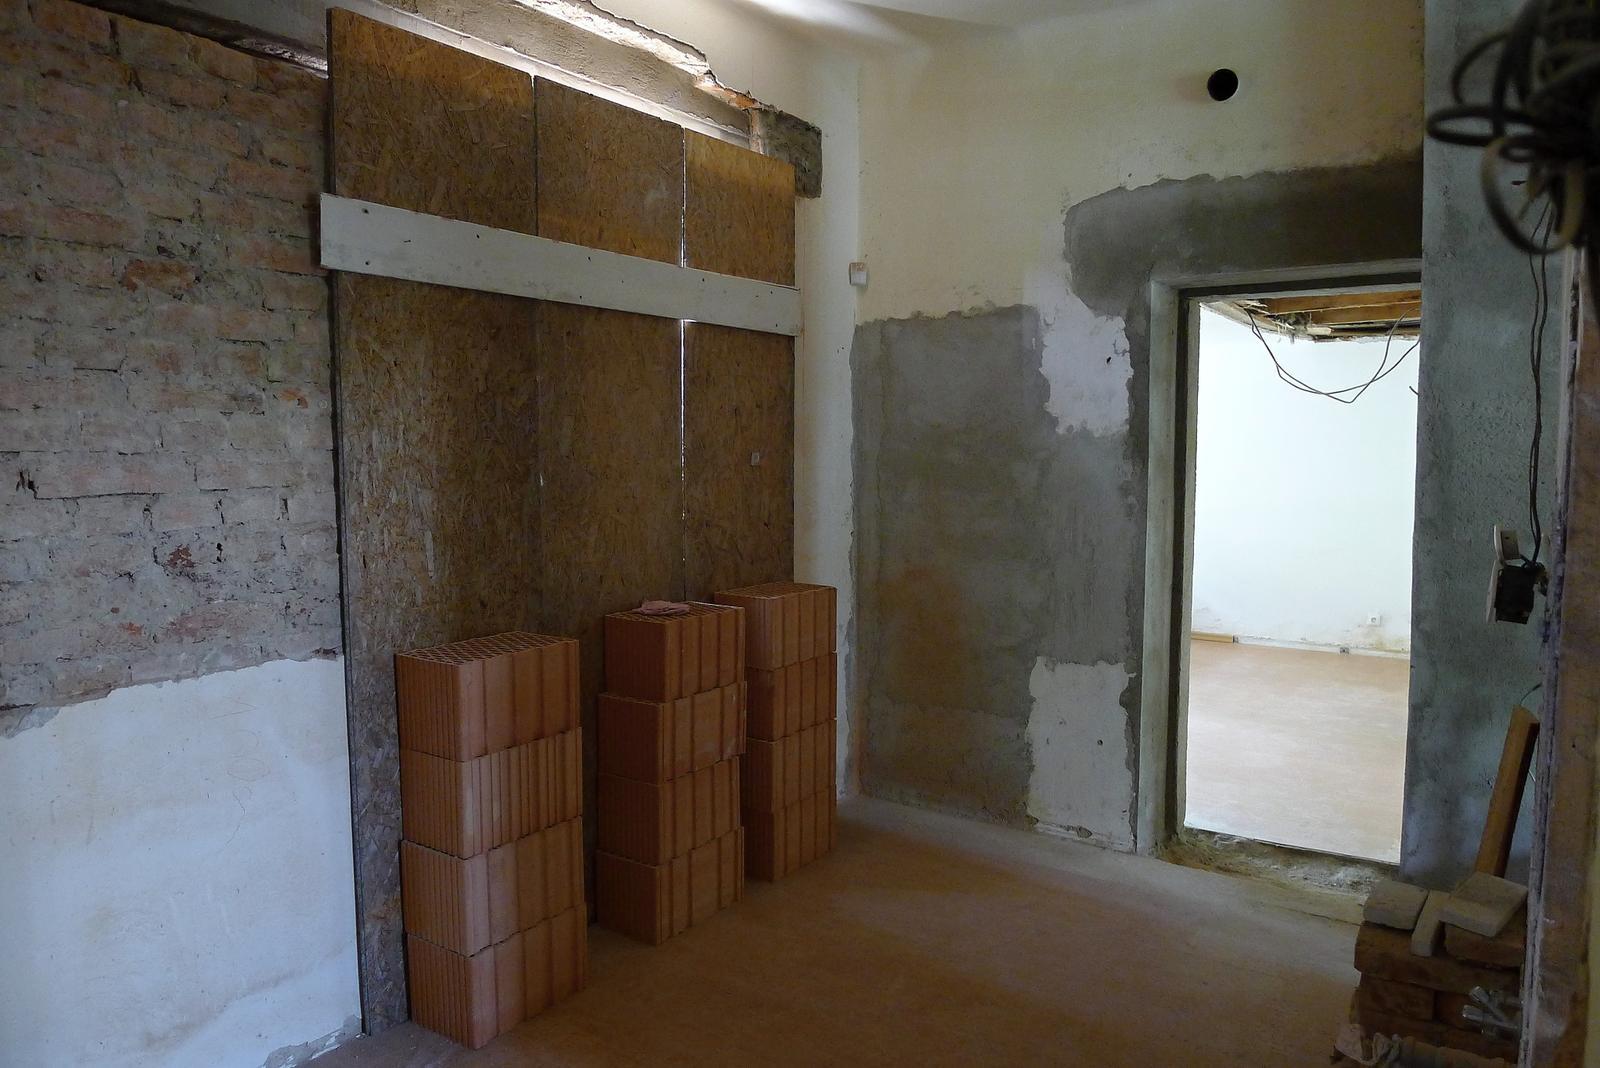 Rekonstrukce našeho domečku - Obrázek č. 37